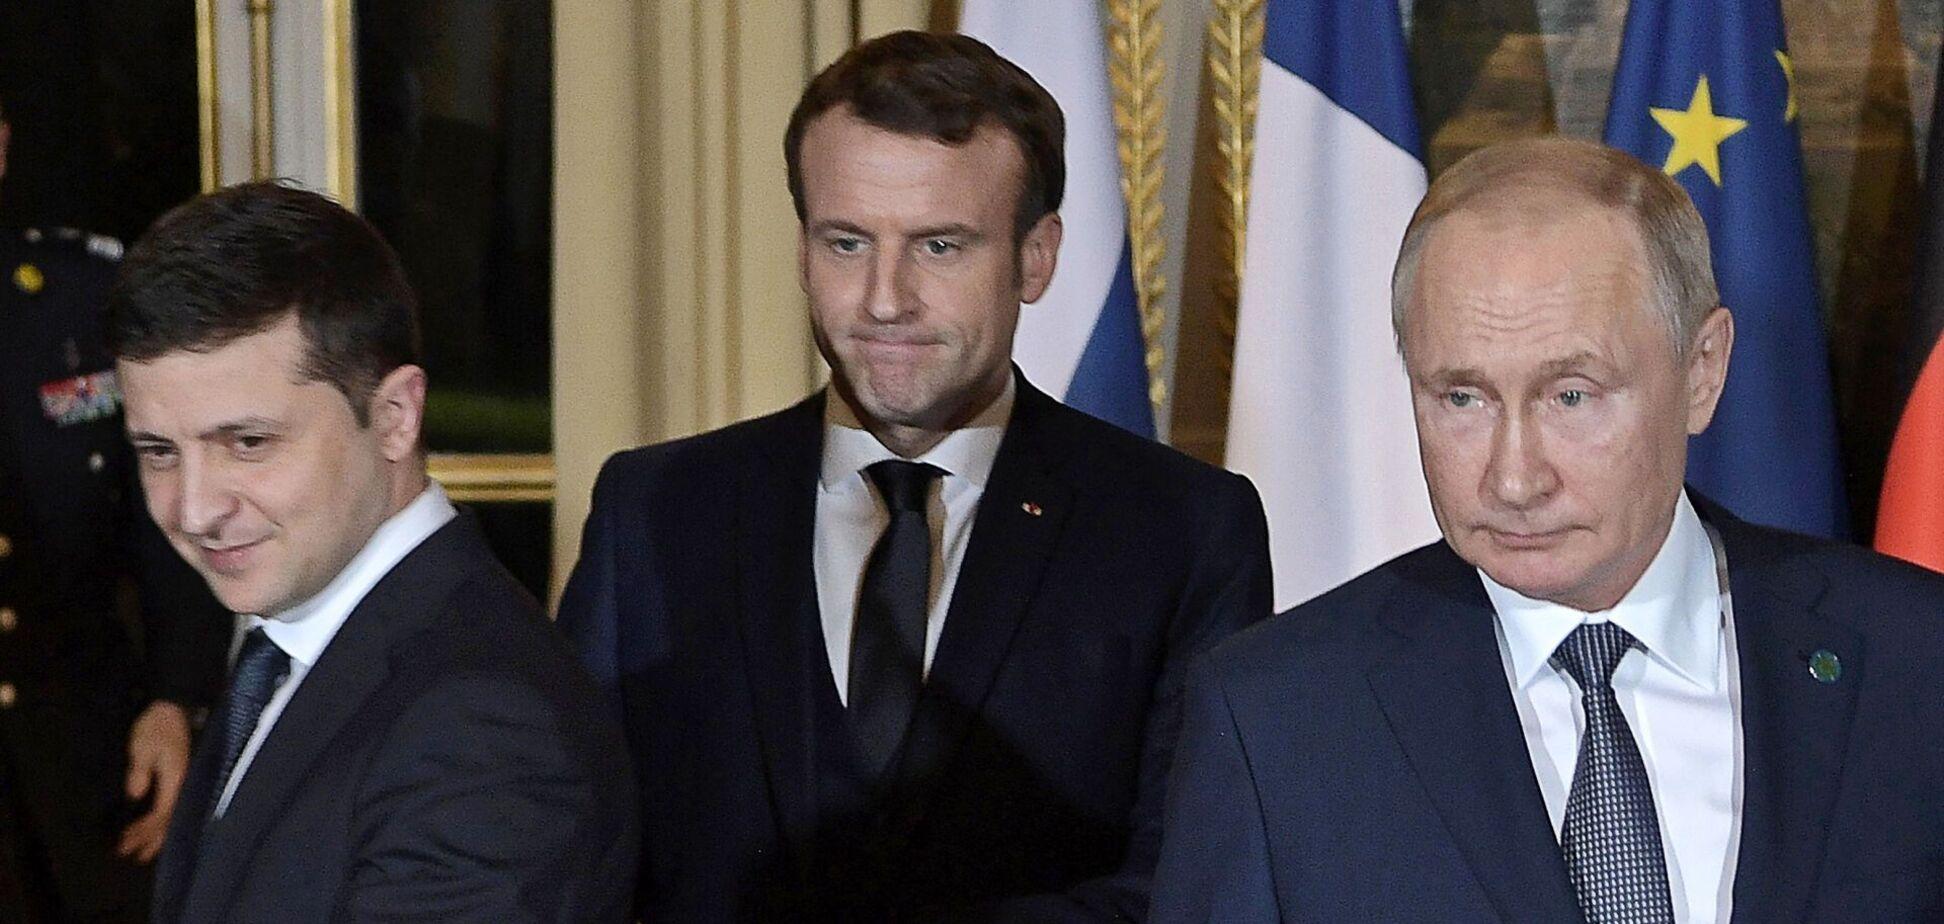 Последняя встреча в Нормандском формате прошла в декабре 2019 года